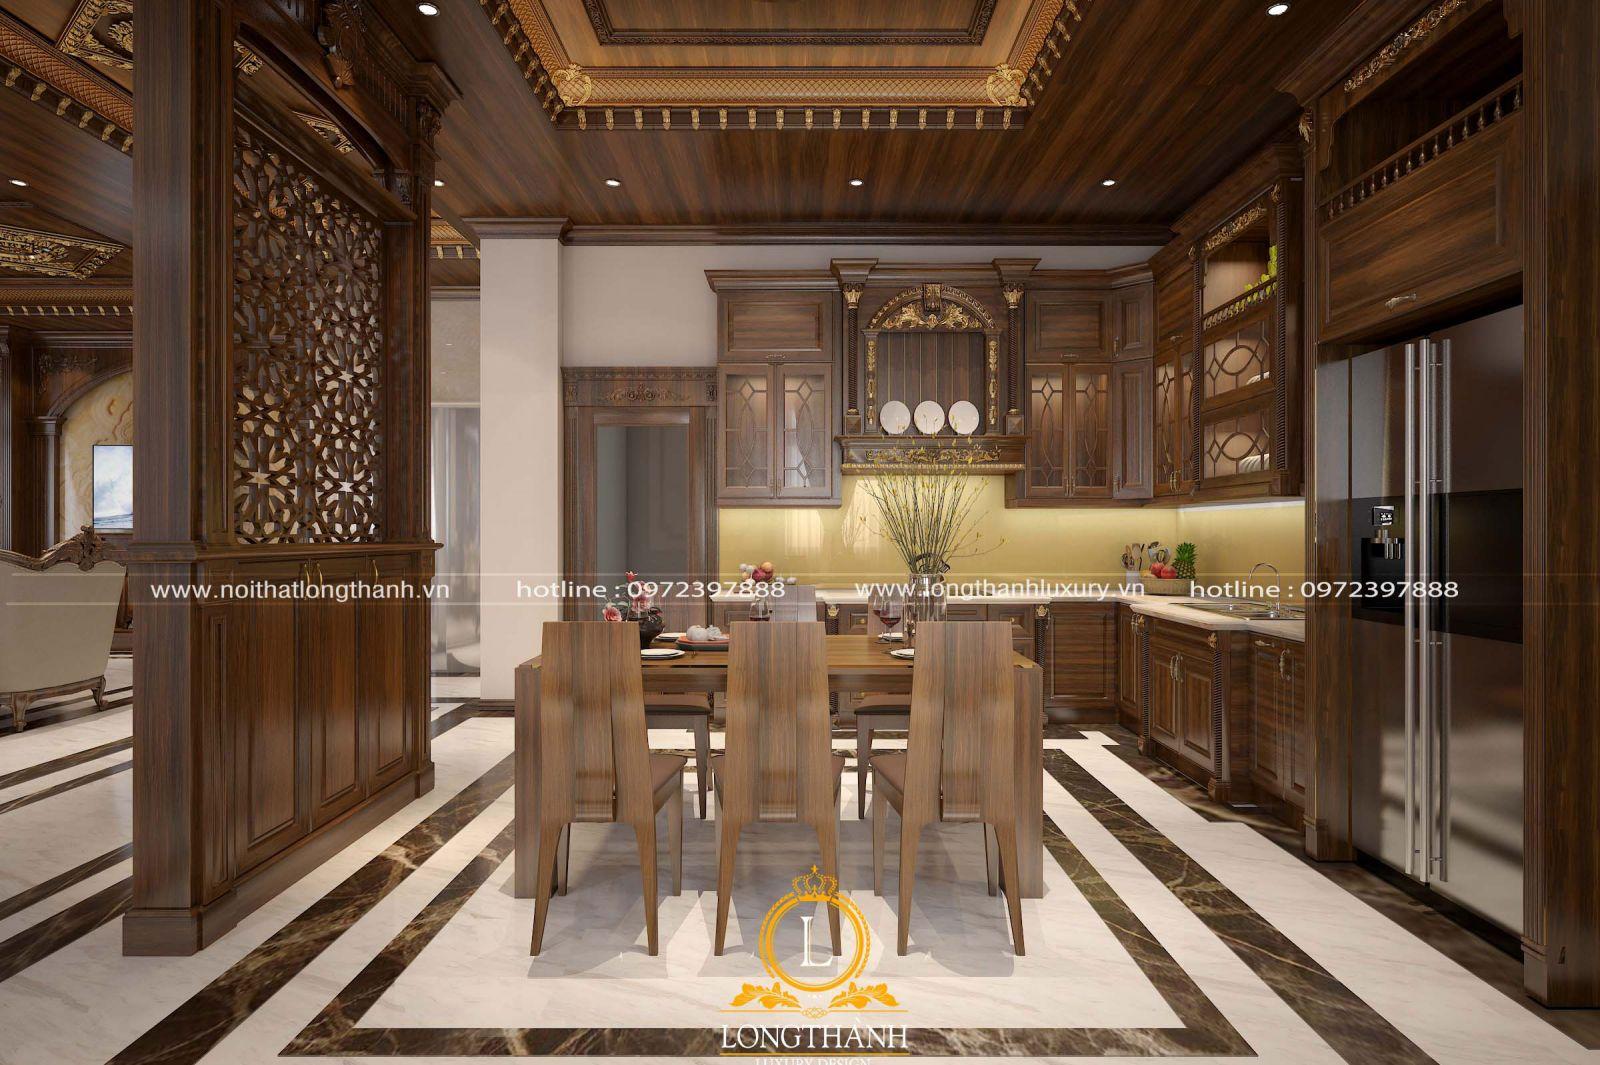 Vách ngăn phòng bếp tân cổ điển giúp phân chia không gian